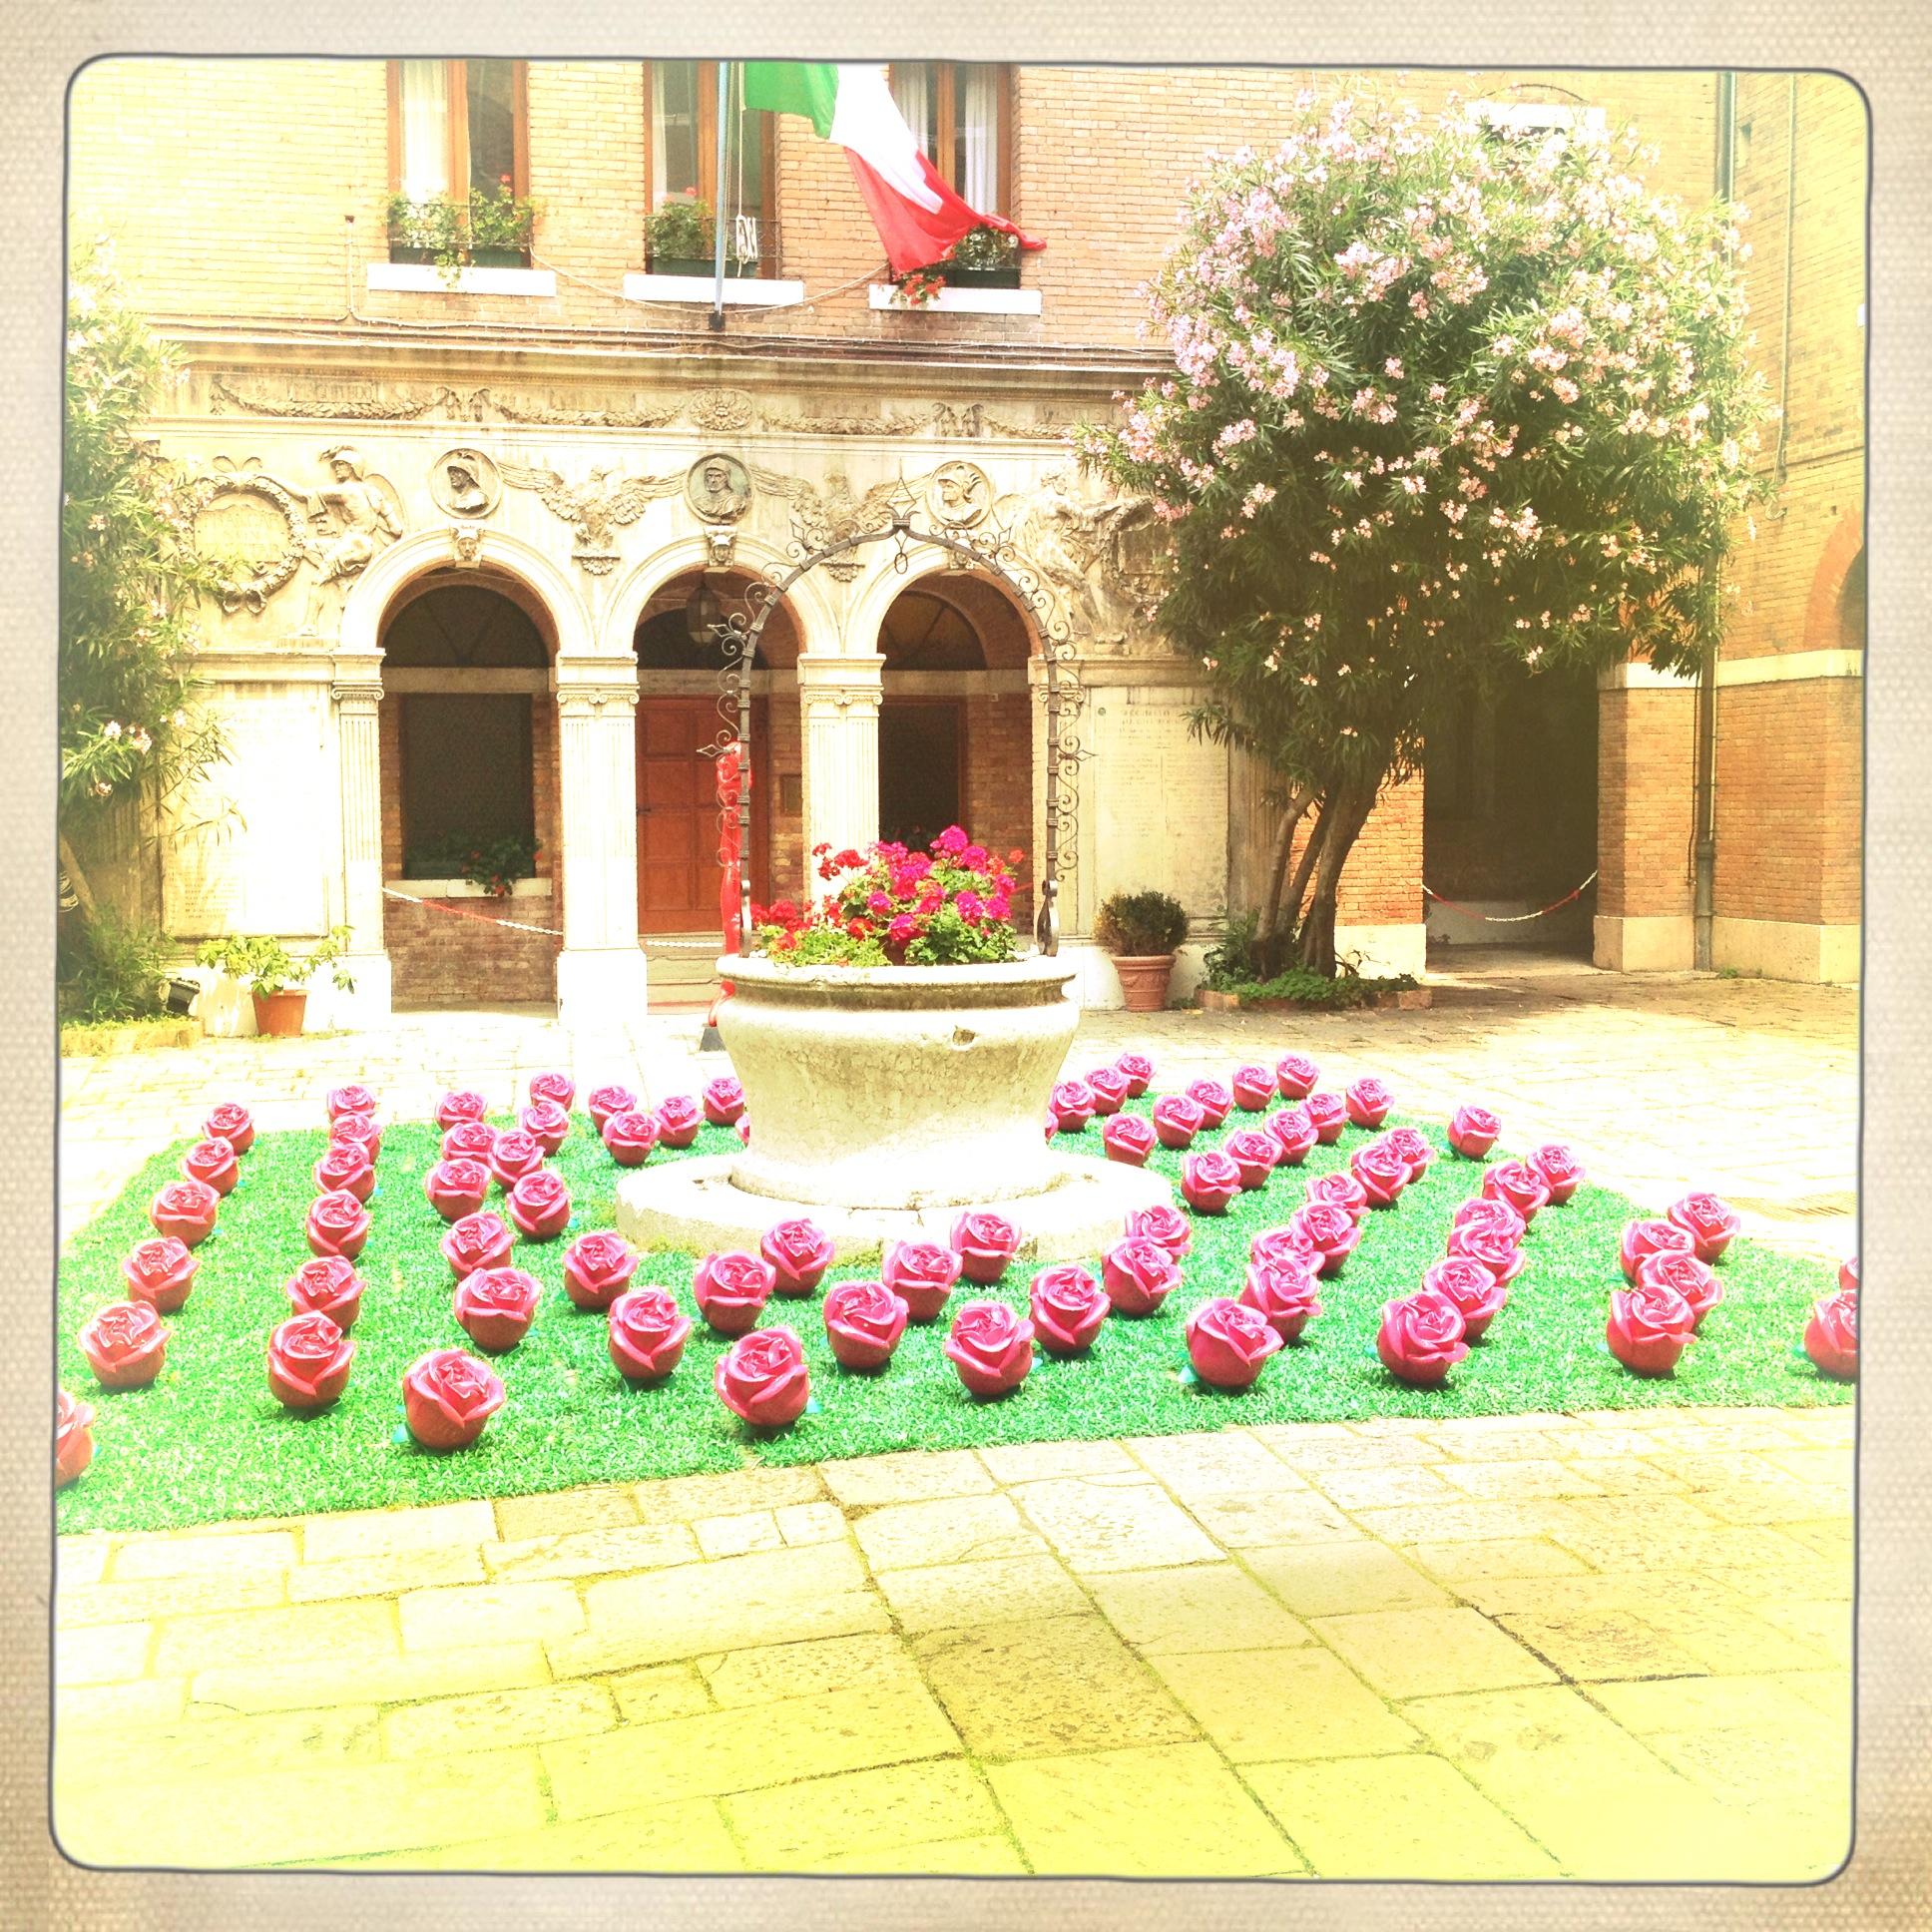 Biennale in Venice